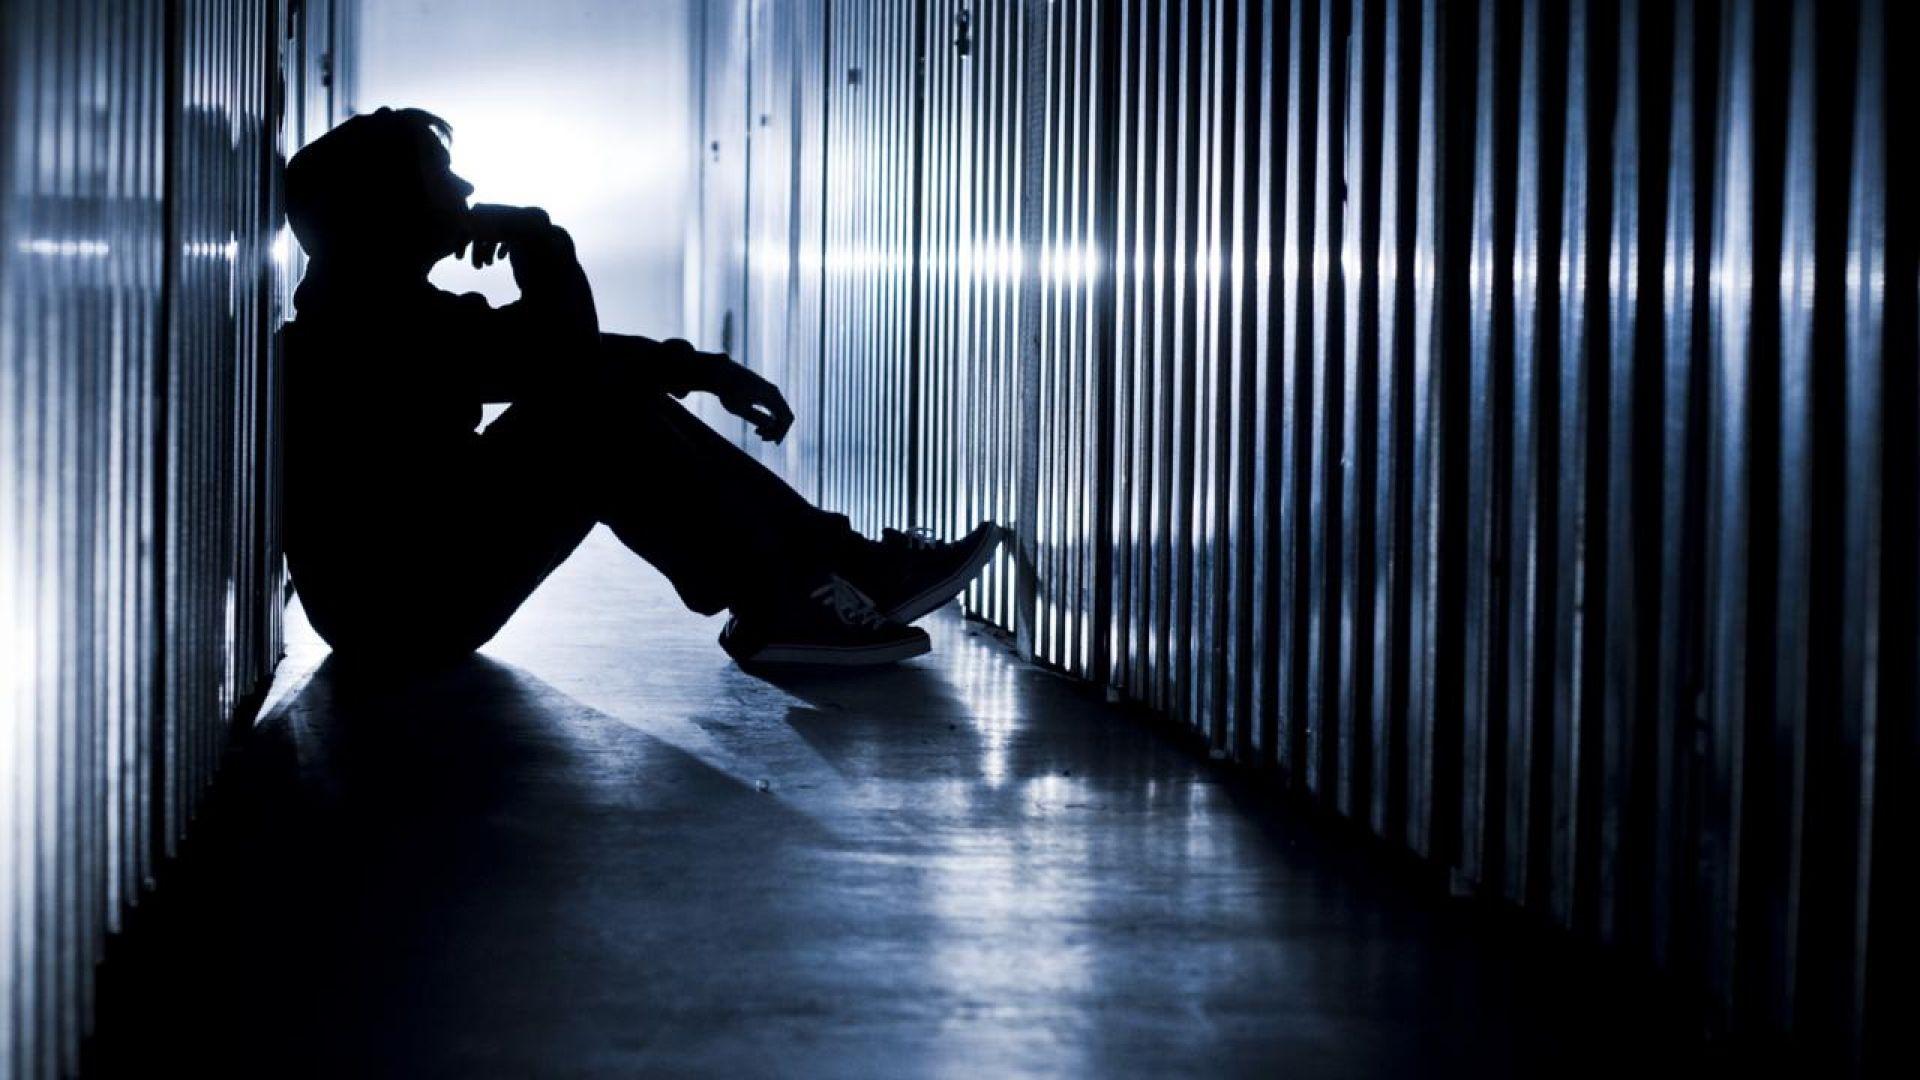 простые депрессия все картинки следует заранее договориться